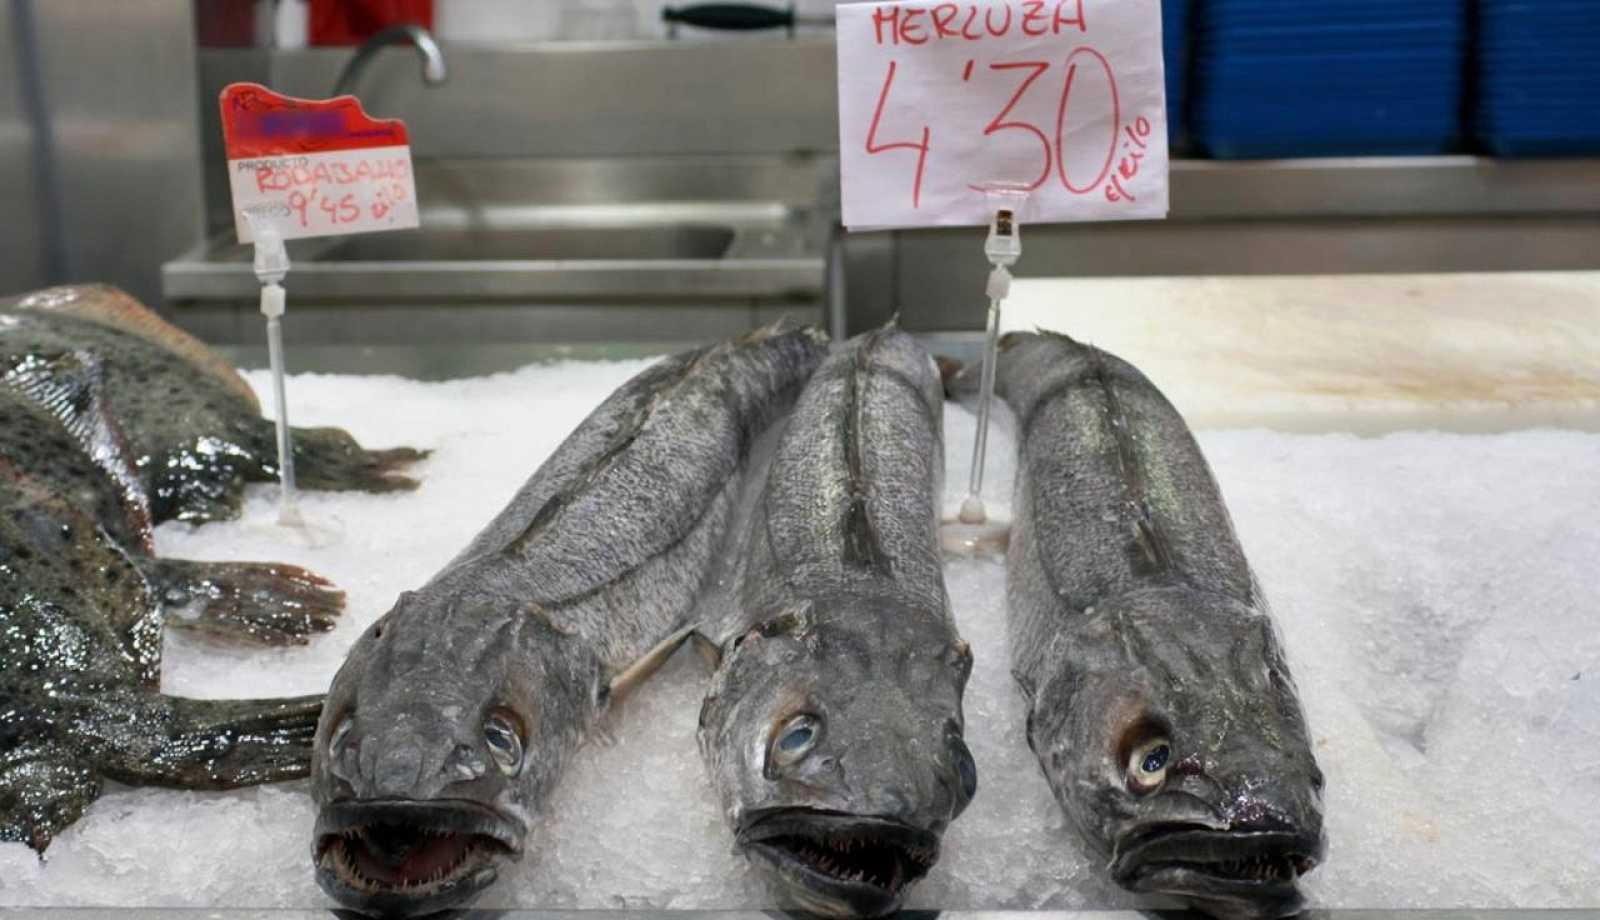 Los trabajos científicos se han centrado en peces de fondo de alto interés comercial, como las merluzas.